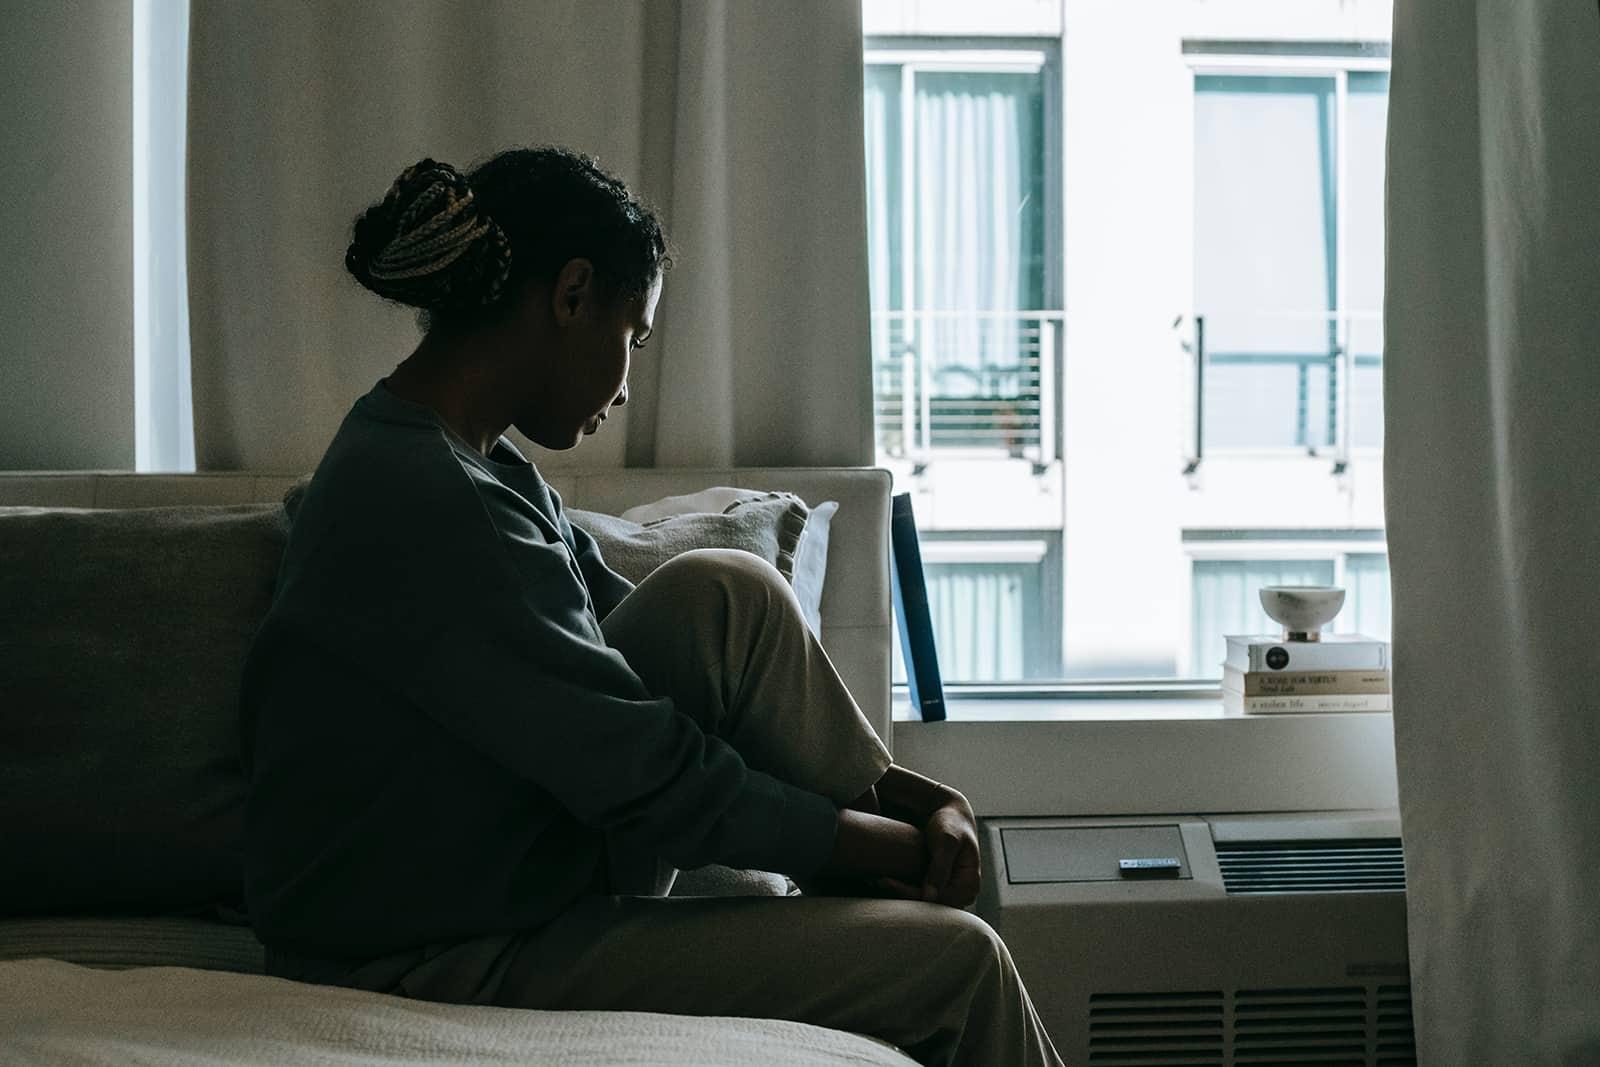 eine einsame Frau, die auf dem Bett sitzt und nach unten schaut